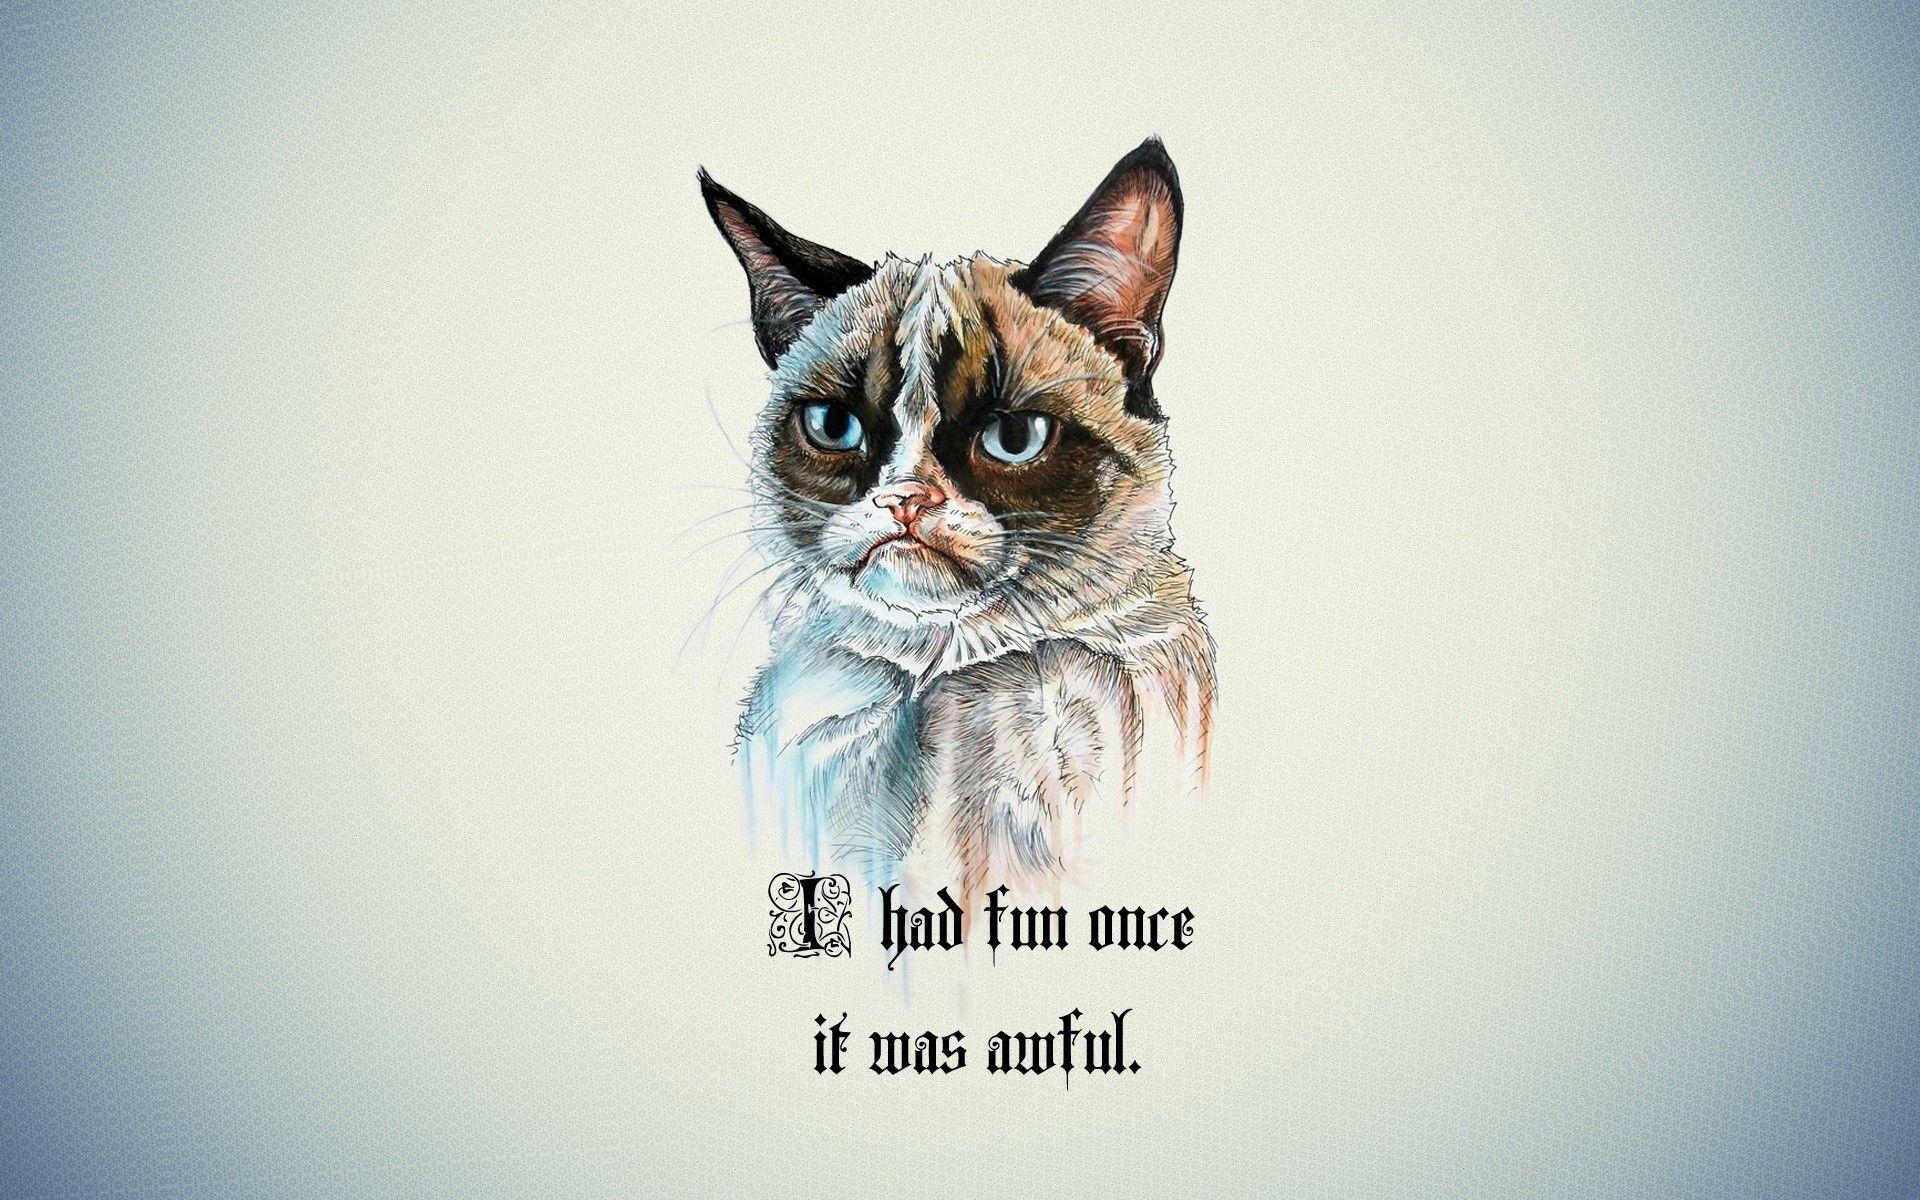 Grumpy Cat Quotes Wallpaper No 9408 Wallhaven Cc Hipster Cat Cat Wallpaper Funny Cat Wallpaper